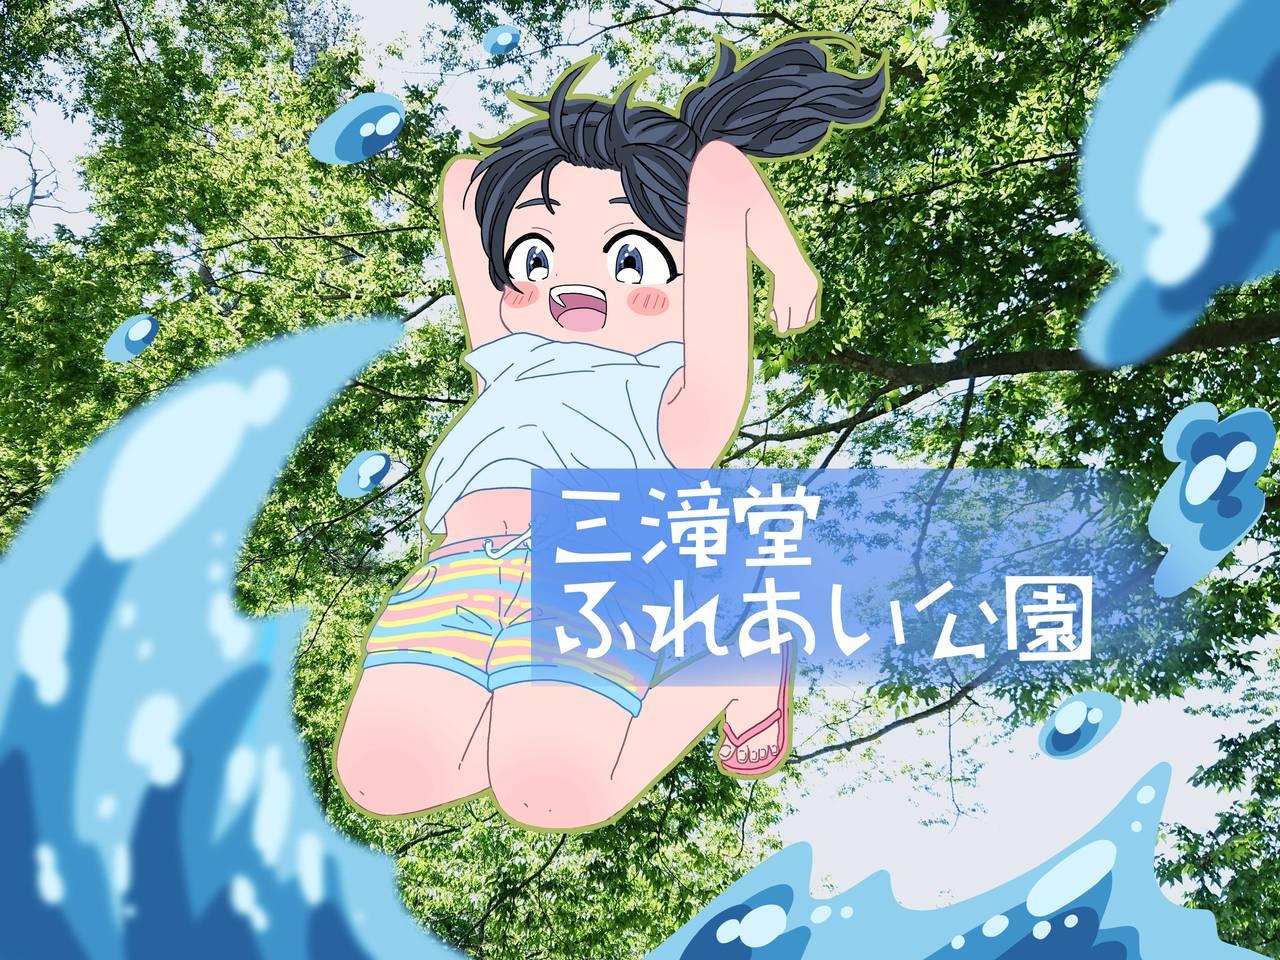 【宮城】五感で感じる大自然の夏!「三滝堂ふれあい公園」